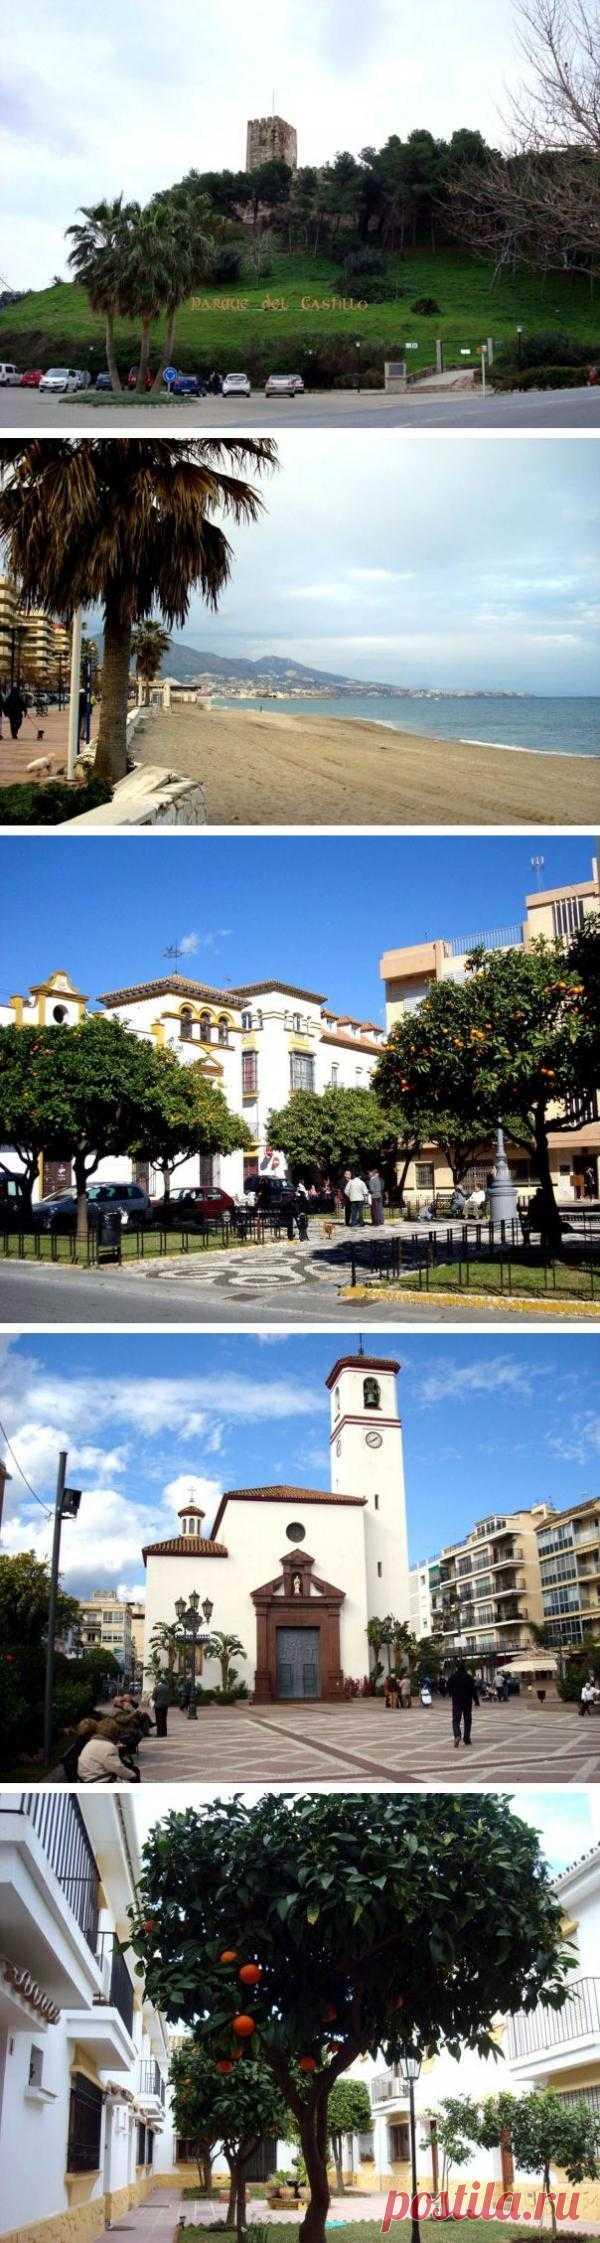 Вот так просто на испанских улочках растут апельсины. И некоторые из наших сограждан едут на зимовку в эти места. Фуенхиролла, Испания